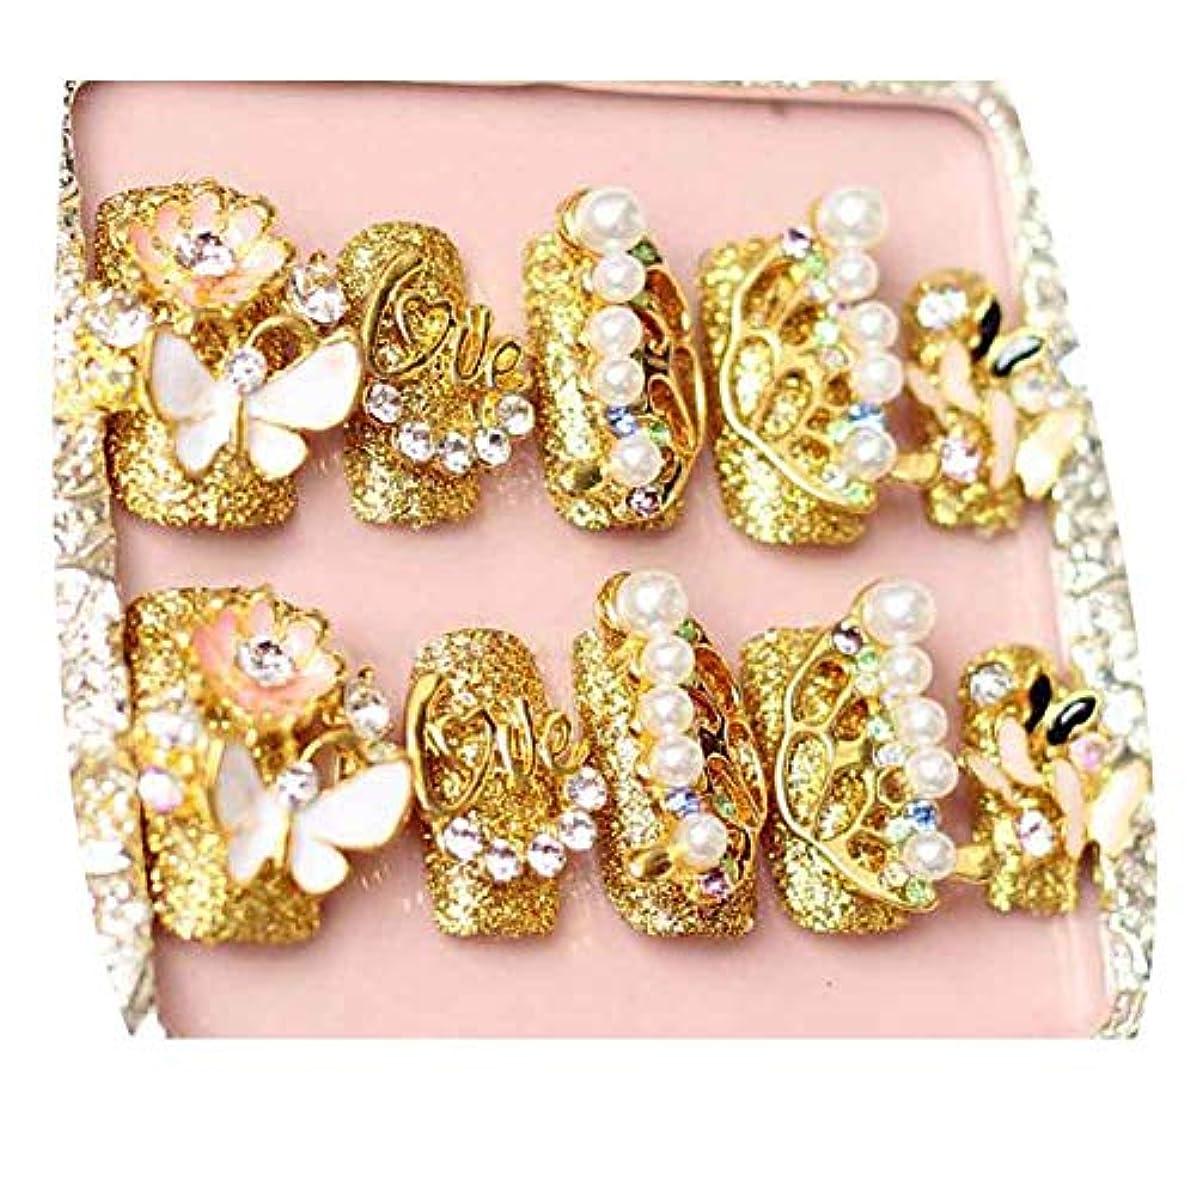 ブート軸簡潔な蝶 - ゴールドカラー偽爪結婚式人工爪のヒントビーズネイルアート